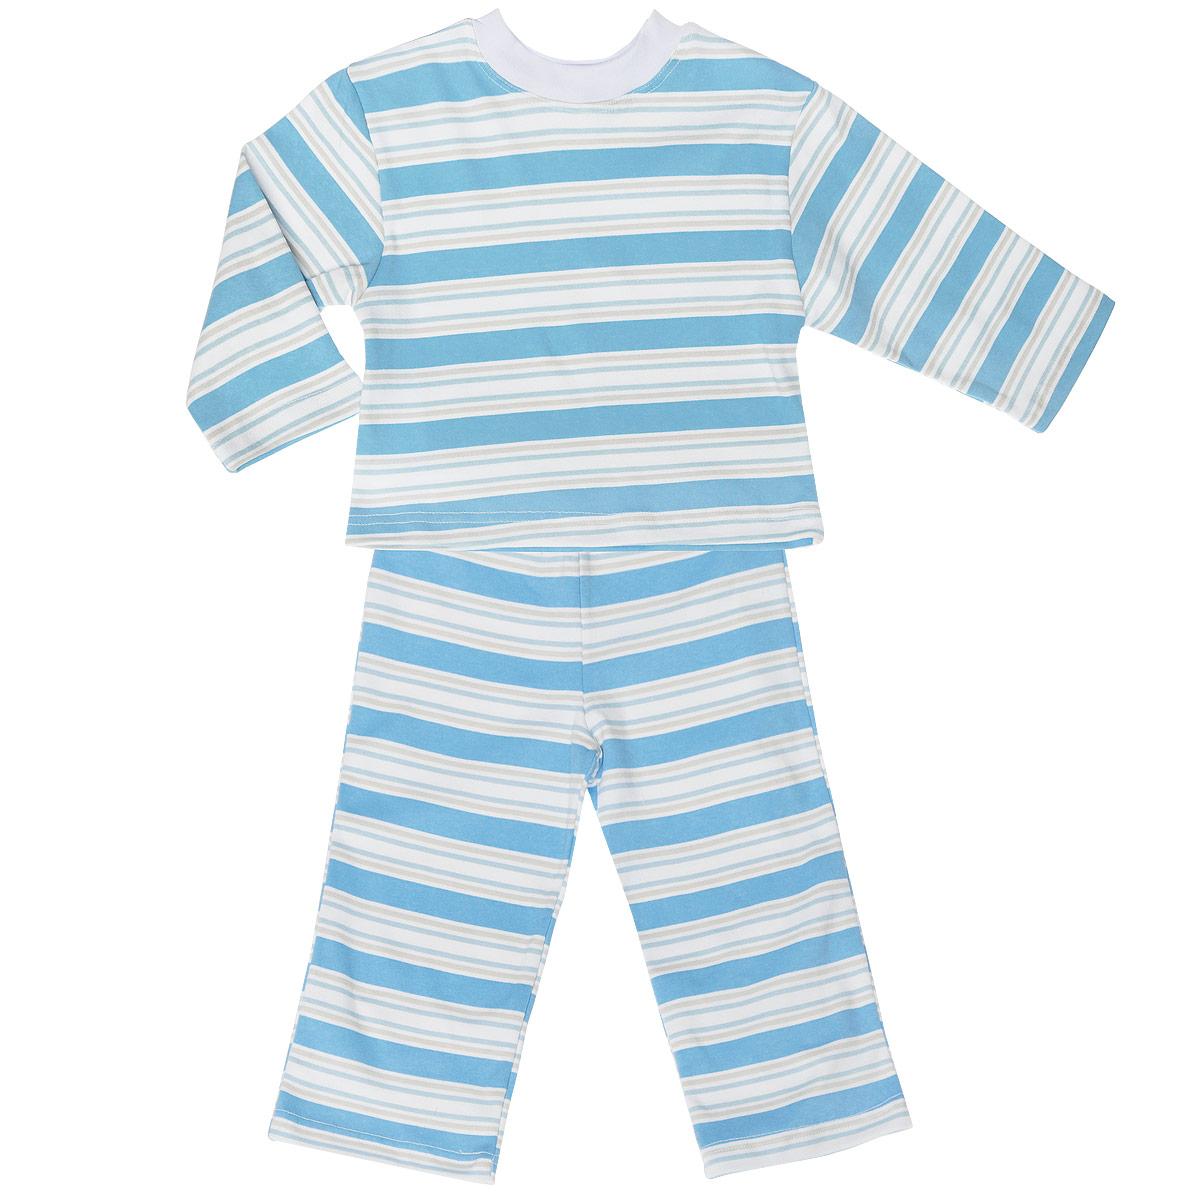 Пижама детская Трон-плюс, цвет: голубой, белый. 5584_полоска. Размер 110/116, 4-8 лет5584_полоскаУютная детская пижама Трон-плюс, состоящая из джемпера и брюк, идеально подойдет вашему ребенку и станет отличным дополнением к детскому гардеробу. Изготовленная из натурального хлопка, она необычайно мягкая и легкая, не сковывает движения, позволяет коже дышать и не раздражает даже самую нежную и чувствительную кожу ребенка. Джемпер с длинными рукавами и круглым вырезом горловины оформлен принтом в полоску. Вырез горловины дополнен трикотажной эластичной резинкой. Брюки на талии имеют эластичную резинку, благодаря чему не сдавливают живот ребенка и не сползают. Оформлены брючки также принтом в полоску. В такой пижаме ваш ребенок будет чувствовать себя комфортно и уютно во время сна.